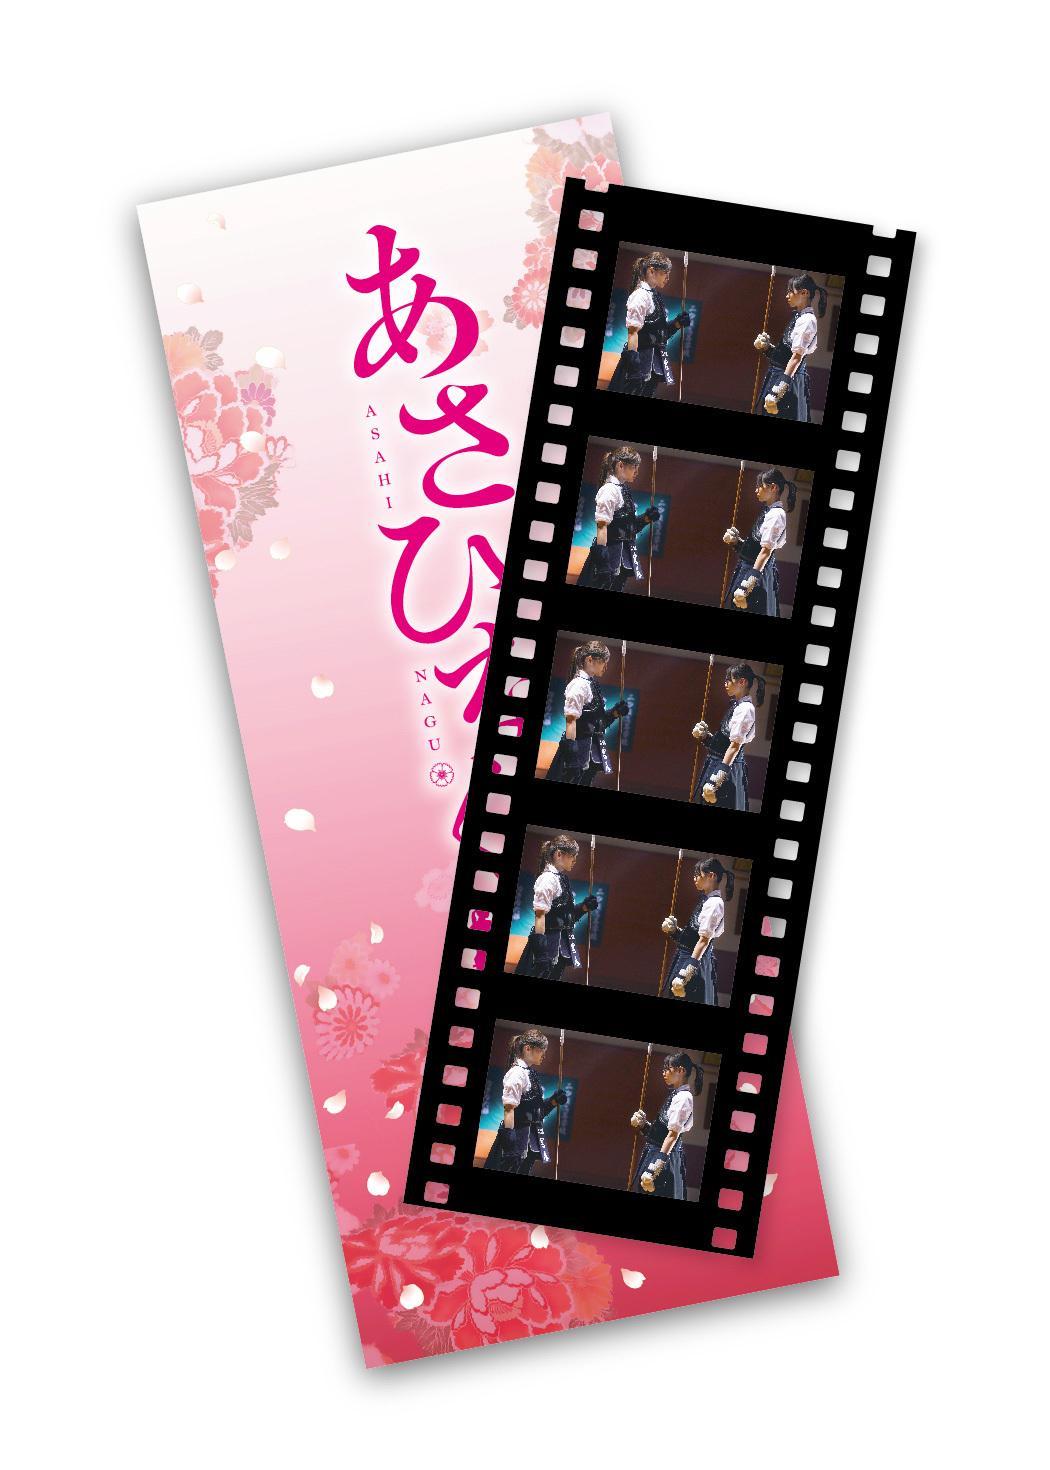 映画『あさひなぐ』 映画フィルム風しおり1枚(全10種